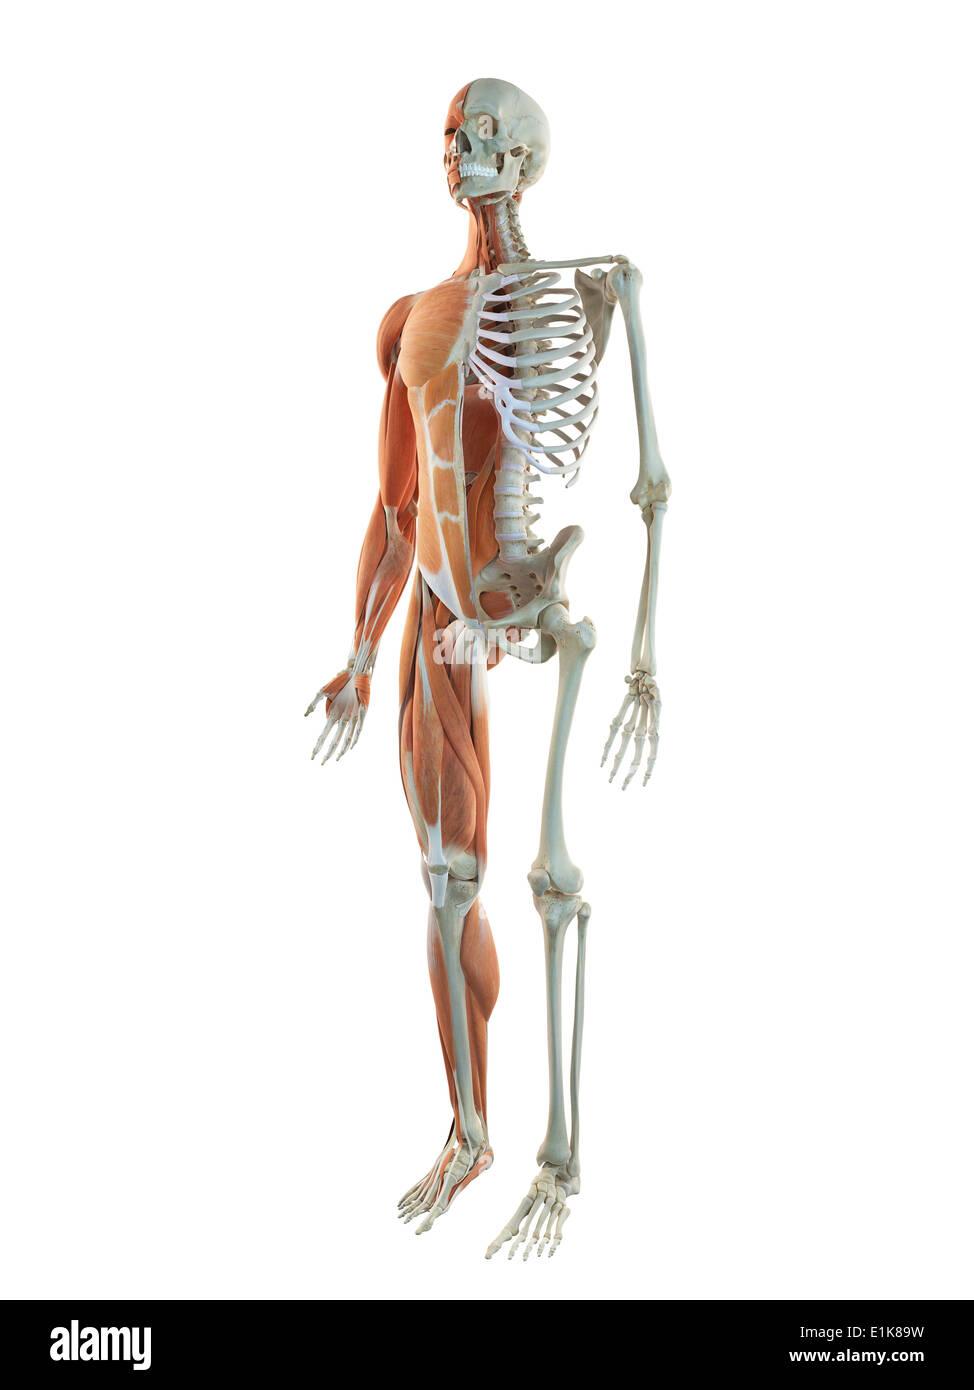 Niedlich Zeichnung Schneide Anatomie Bilder - Anatomie Ideen ...